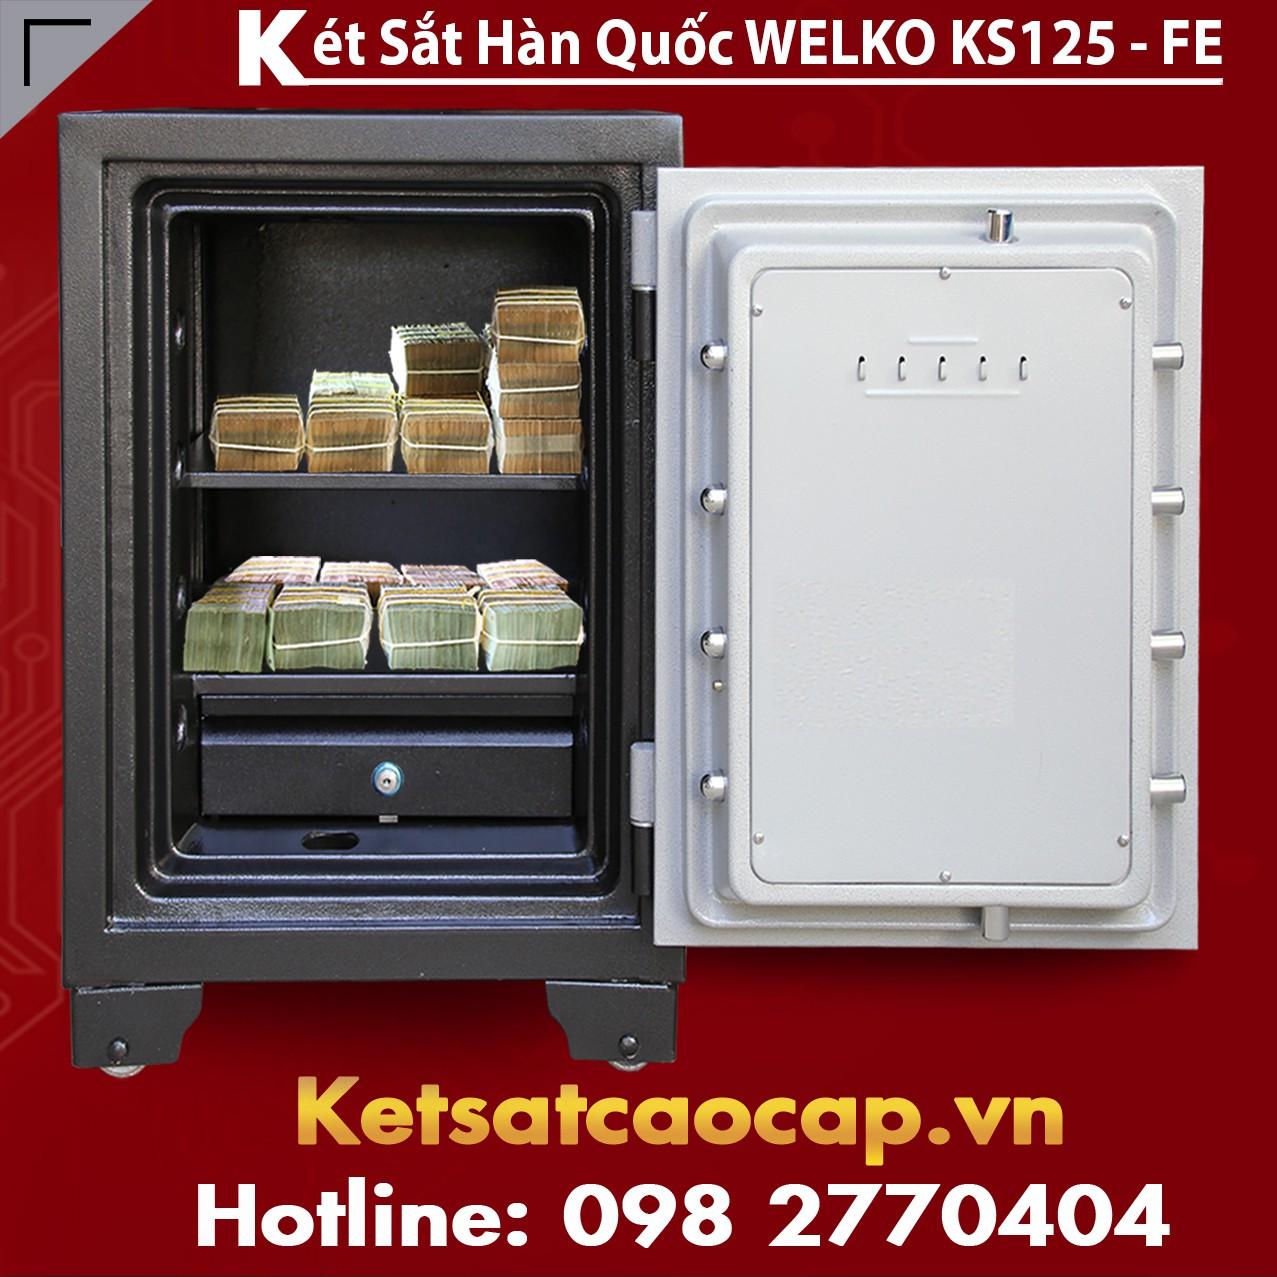 Két Sắt Vân Tay KS125 - FE